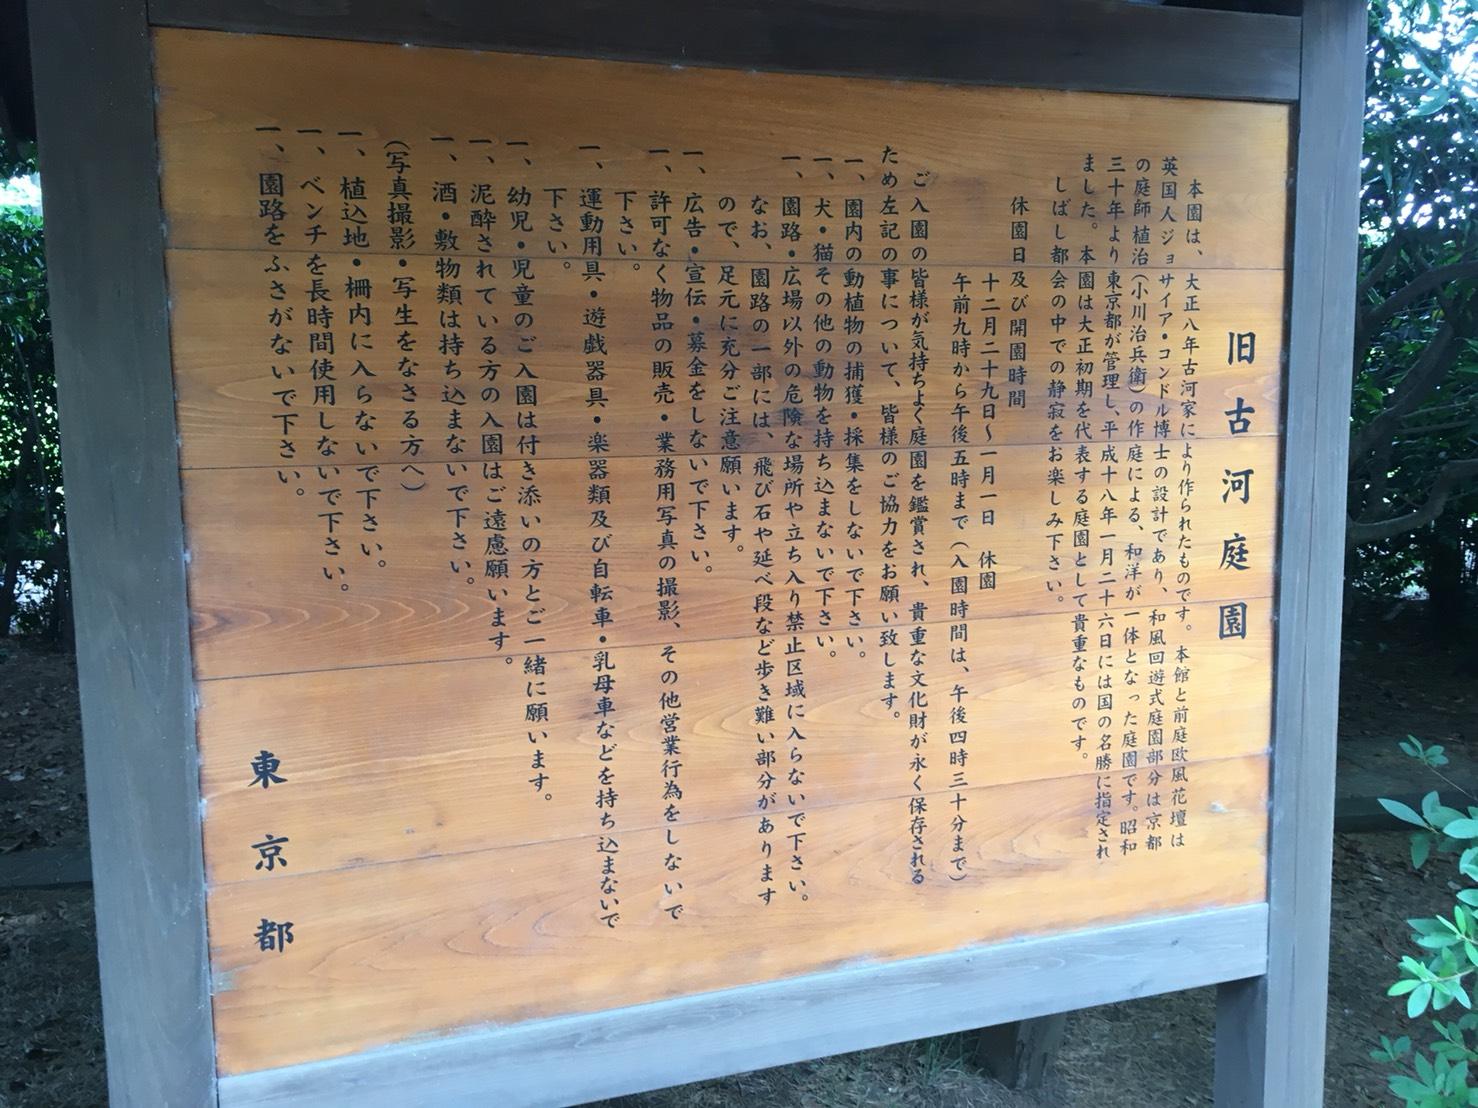 【上中里駅】バラが咲き誇る日英が混ざる庭園「旧古河庭園」の案内看板